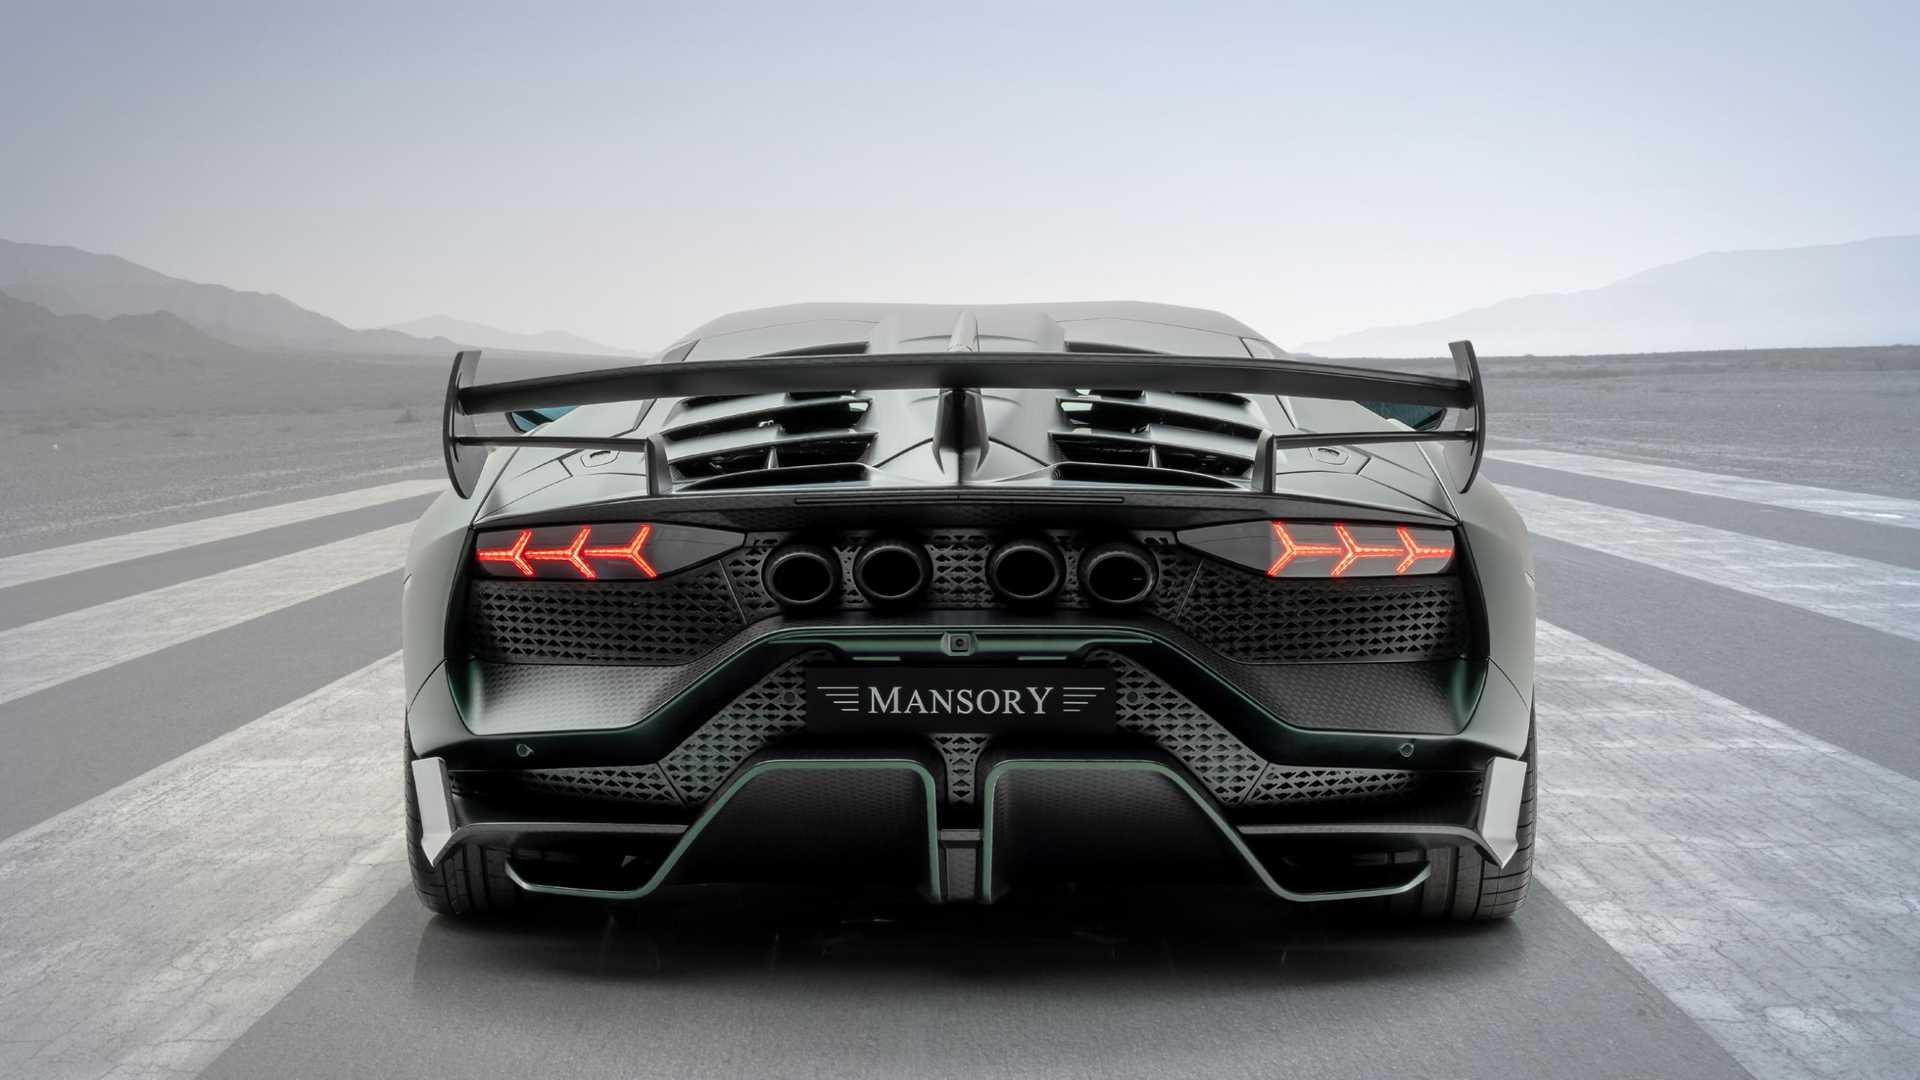 Mansory-Cabrera-Lamborghini-Aventador-SVJ-8